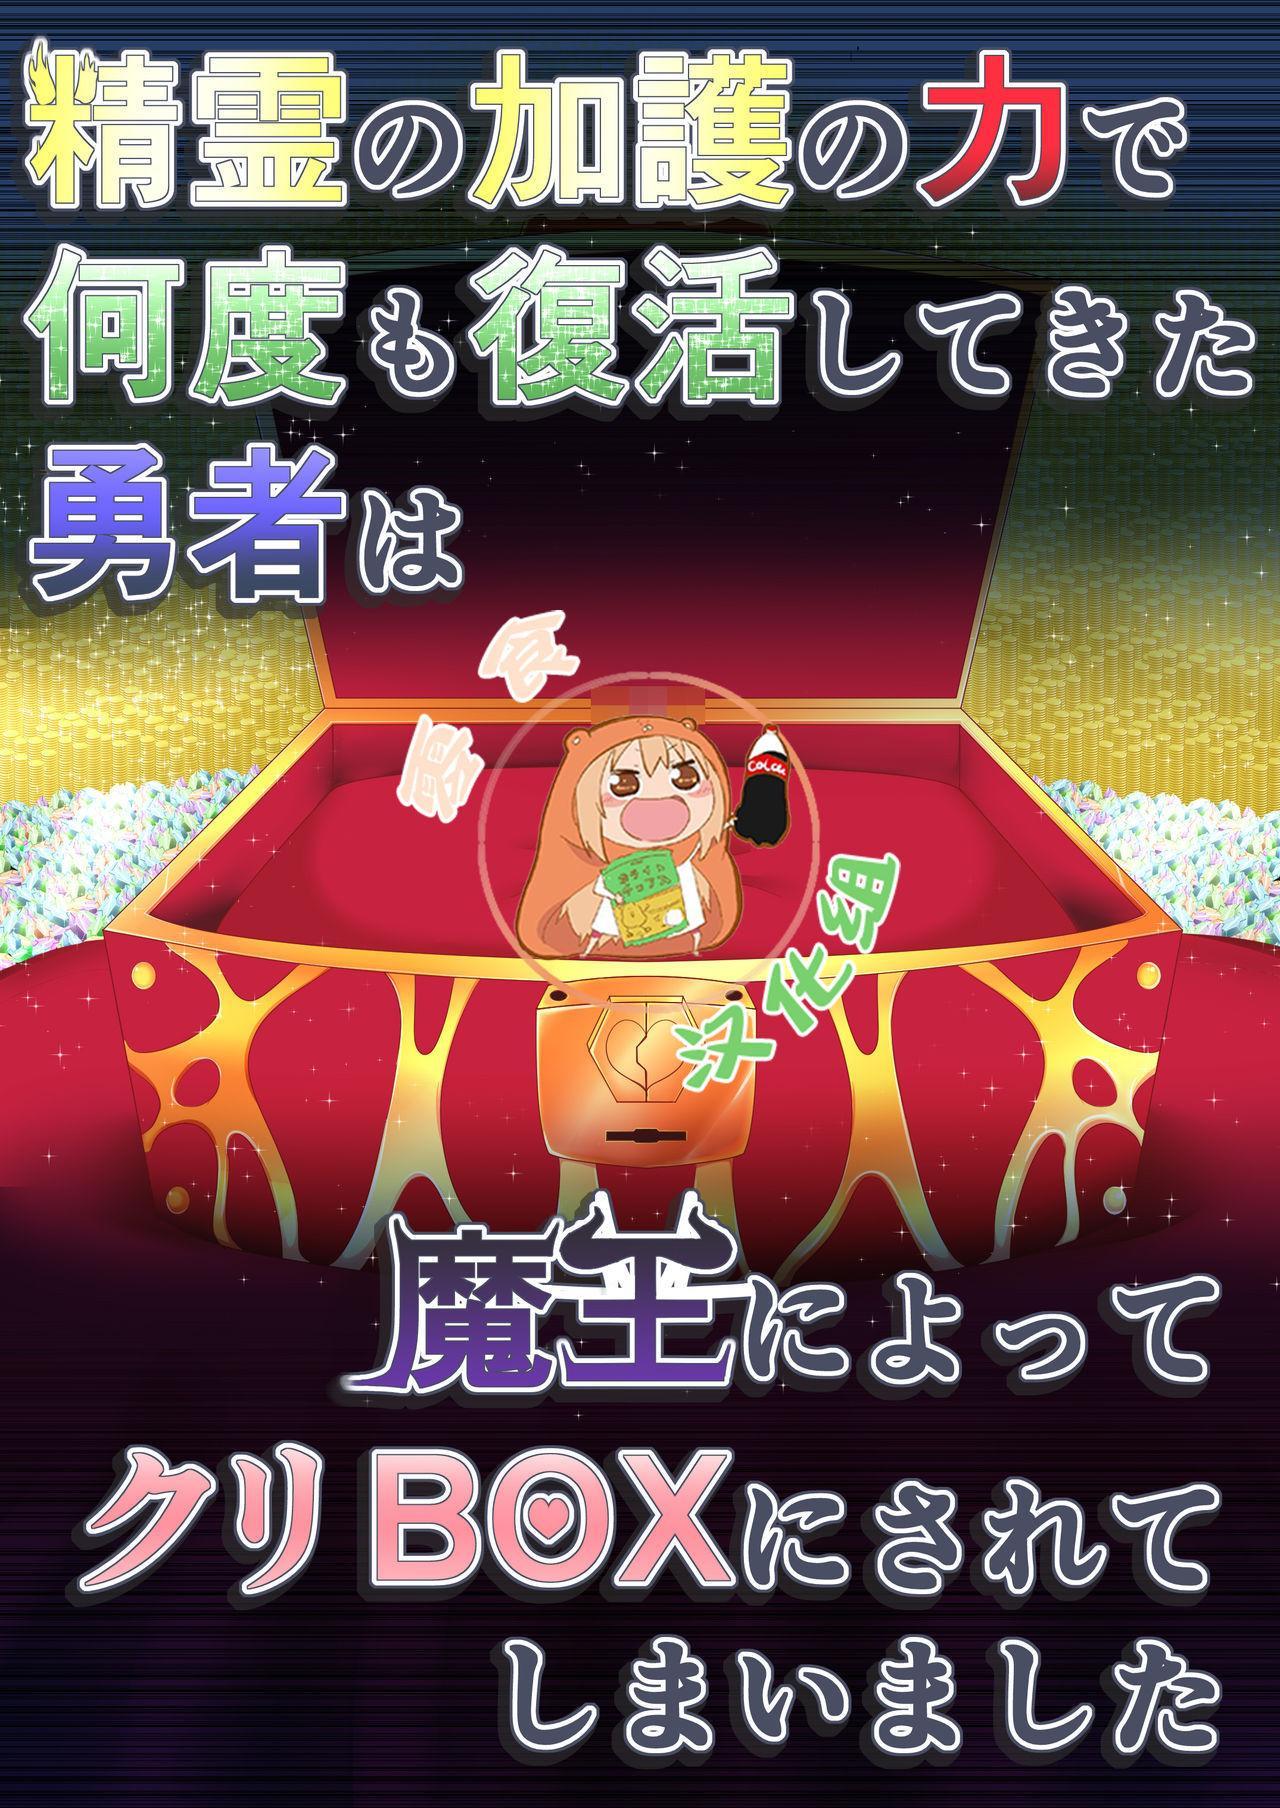 Seirei no Kago no Chikara de nan do mo Fukkatsu shite kita Yūsha wa Maō ni yotte KuriBOX ni sarete shimaimashita 0